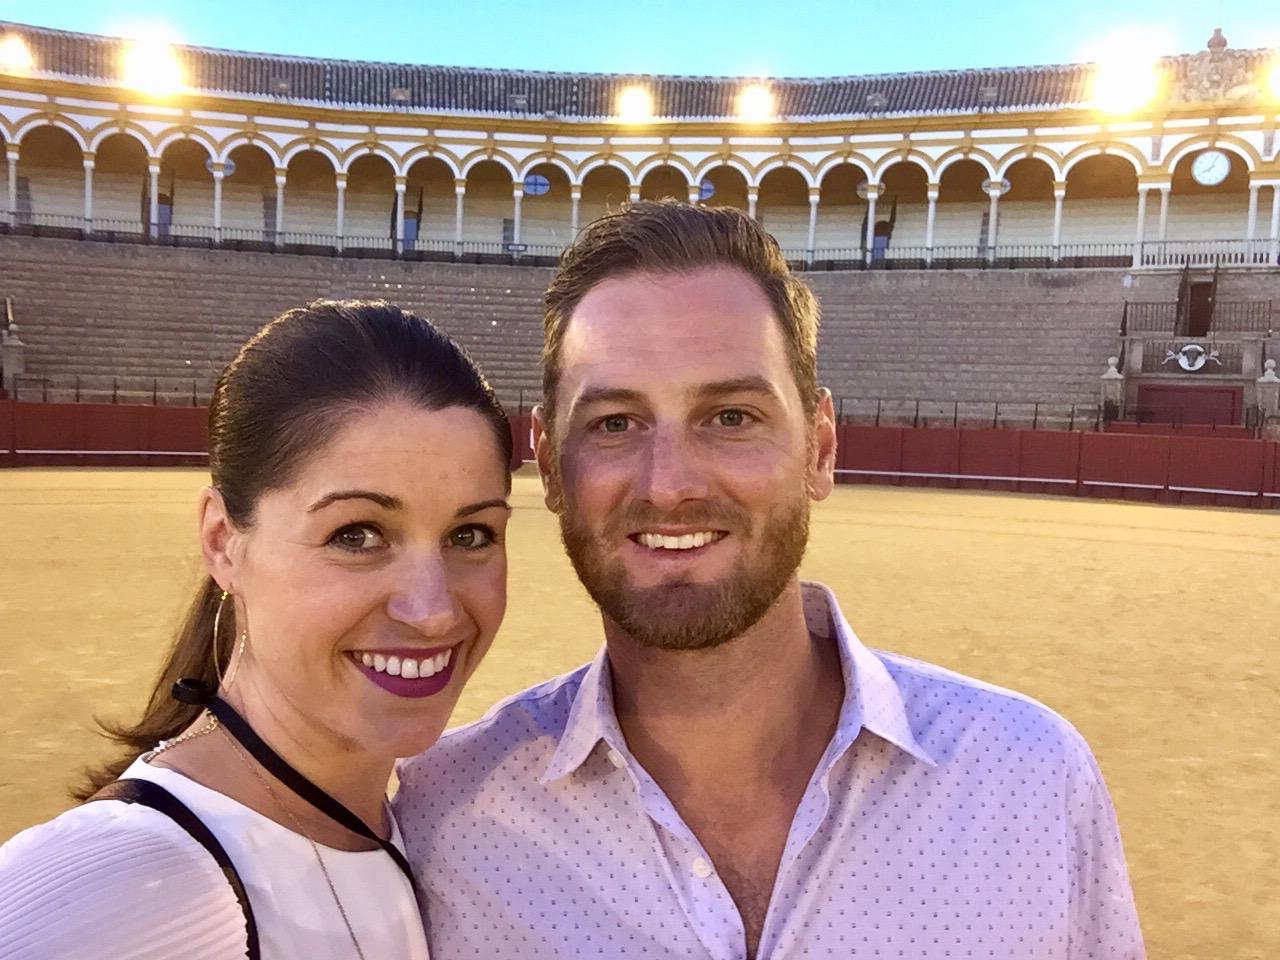 Sevilla Spain bull fighting ring.jpg